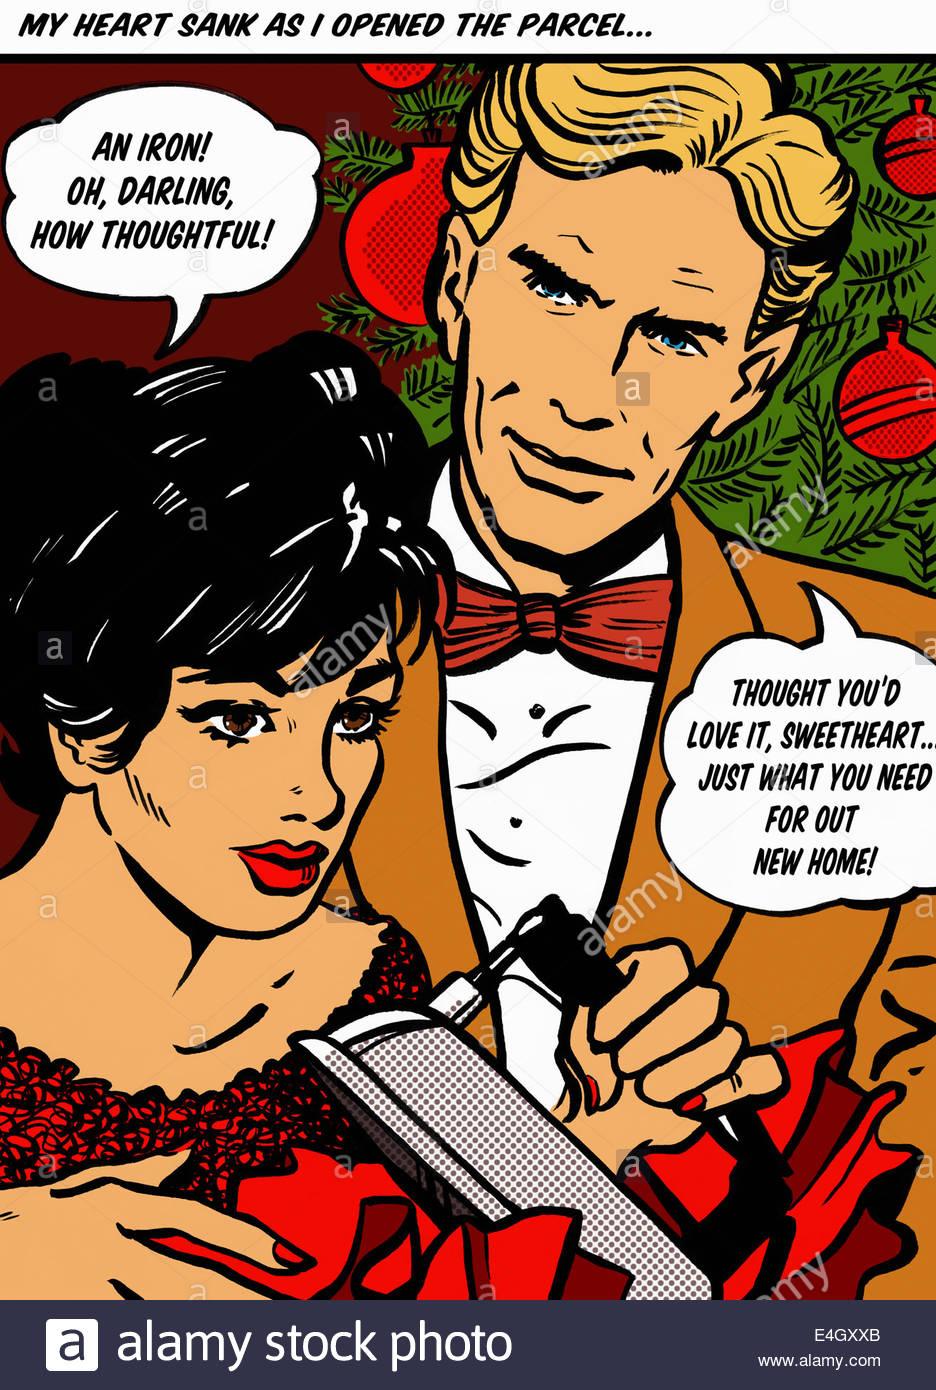 Weihnachtsgeschenke Für Mann Und Frau.Enttäuscht Frau Empfangen Eisen Als Weihnachtsgeschenk Von Mann